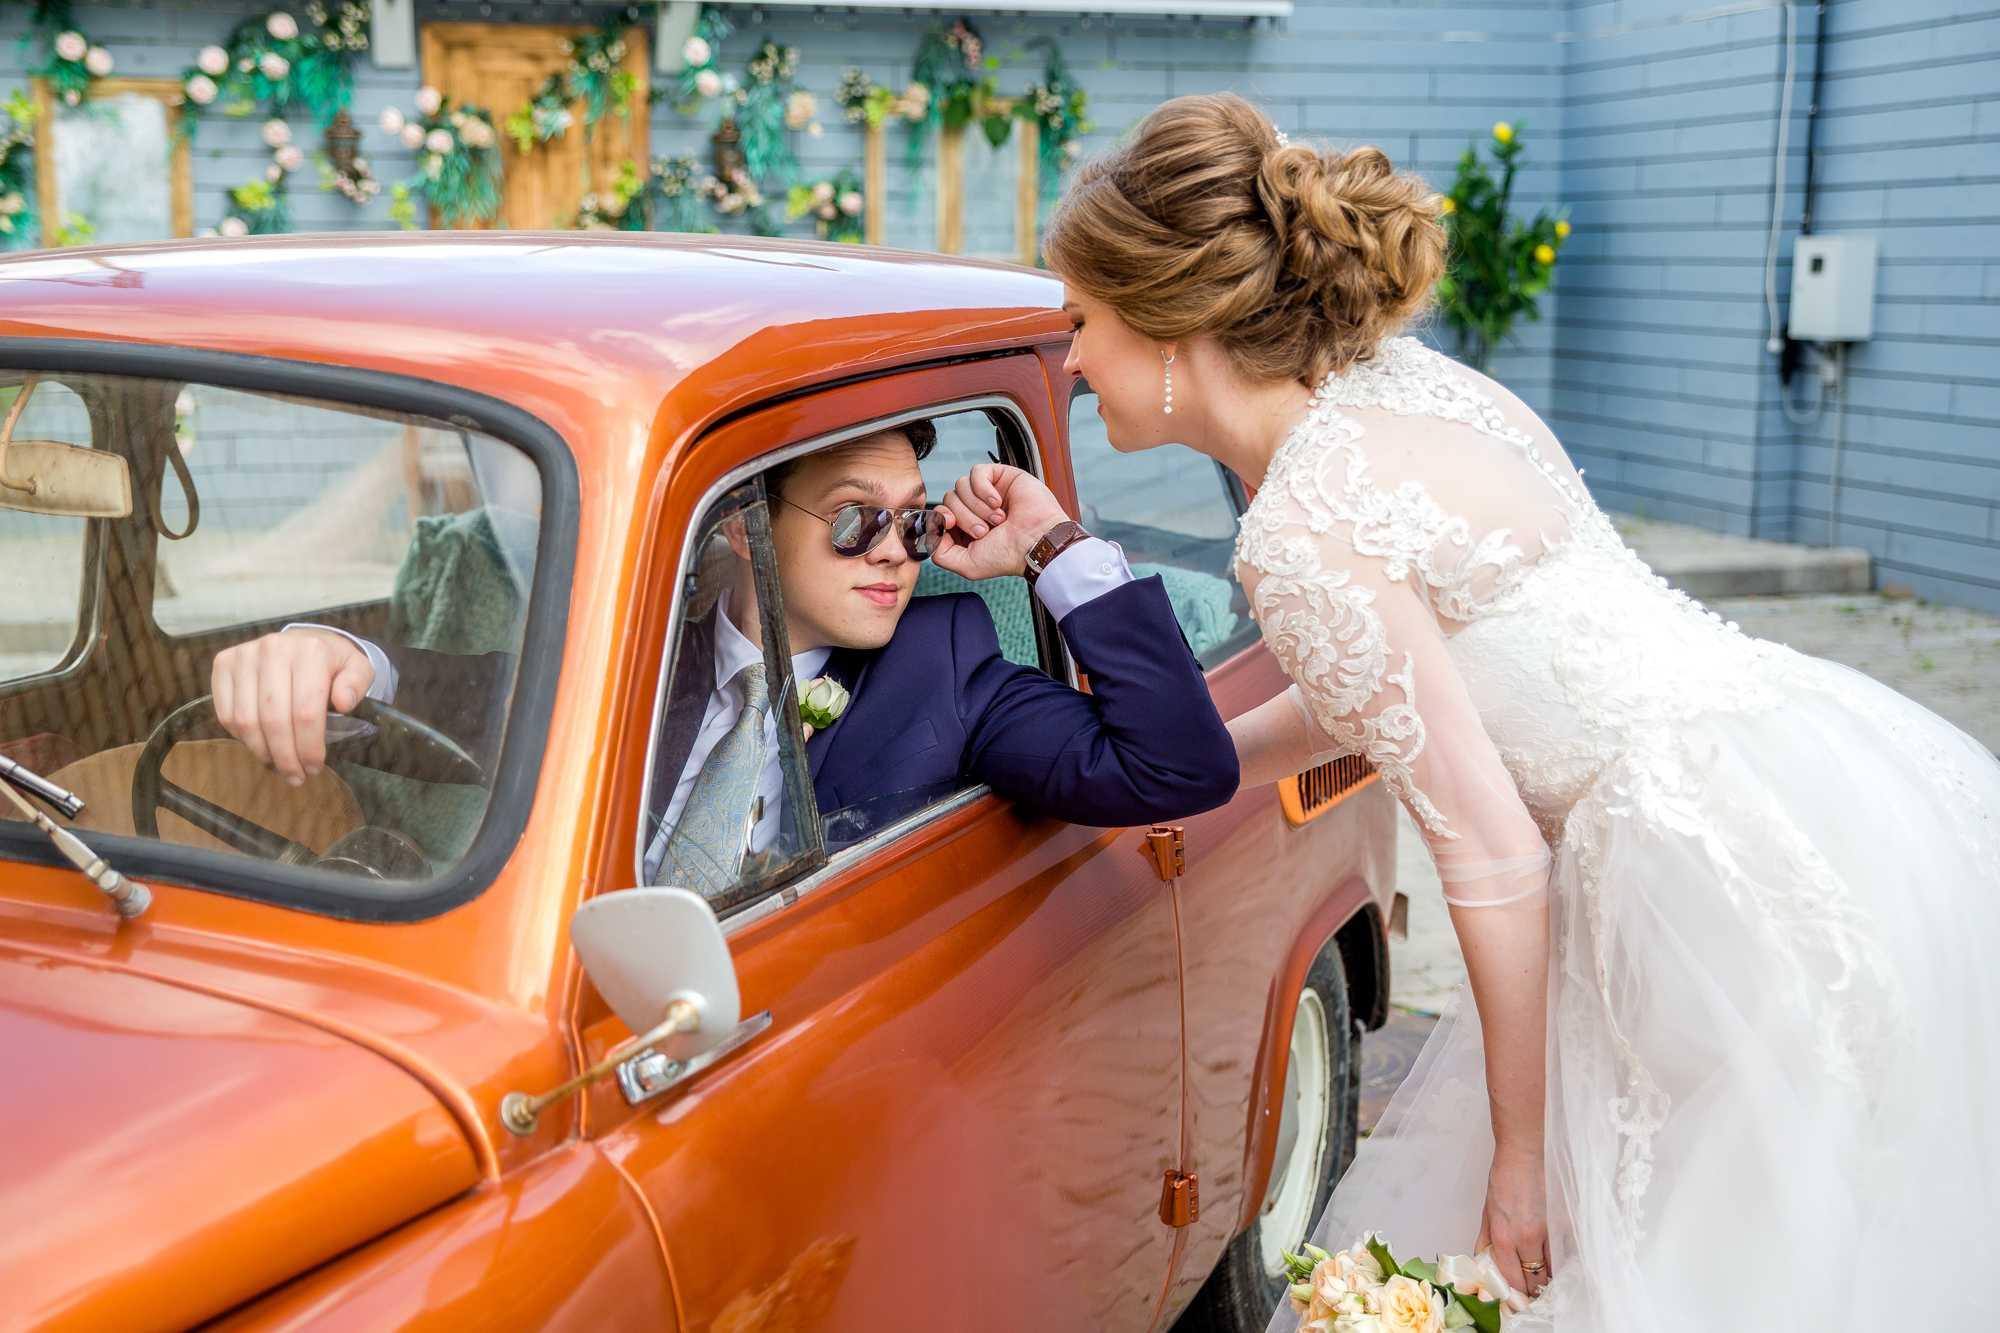 Красивая свадебная фотосессия14